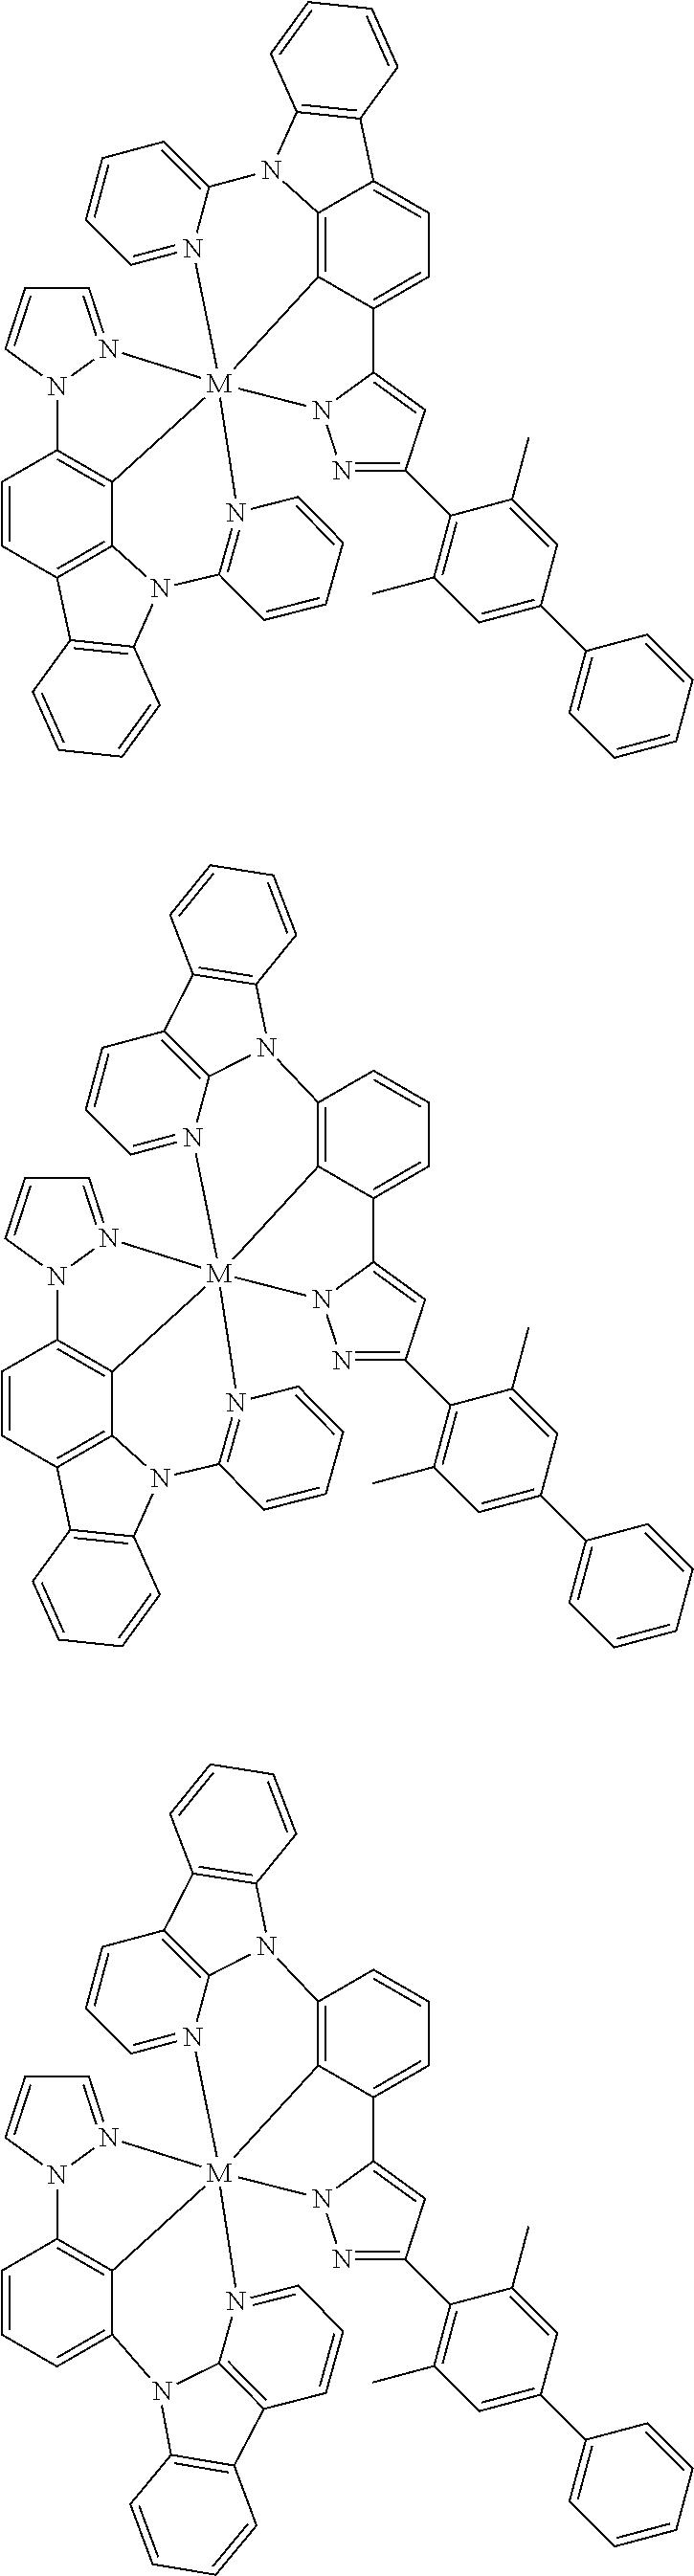 Figure US09818959-20171114-C00272